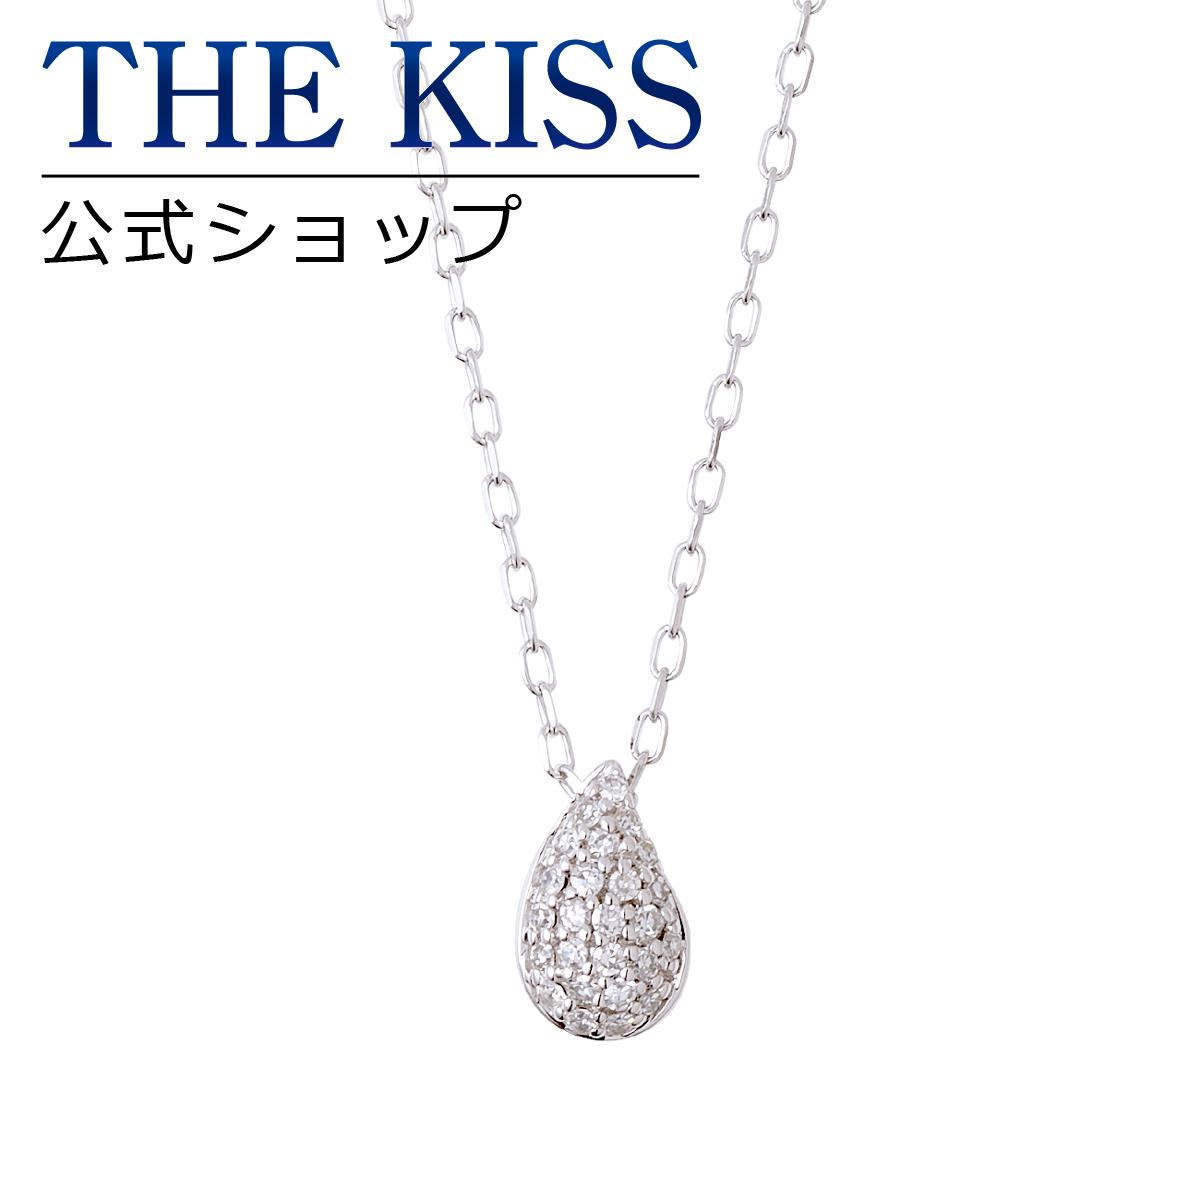 【あす楽対応】【送料無料】【THE KISS sweets】 K10ホワイトゴールド ダイヤモンド レディース ネックレス 40cm ☆ ダイヤモンド ゴールド レディース ネックレス 首飾り ブランド Ladies Necklace PAVE-01WG